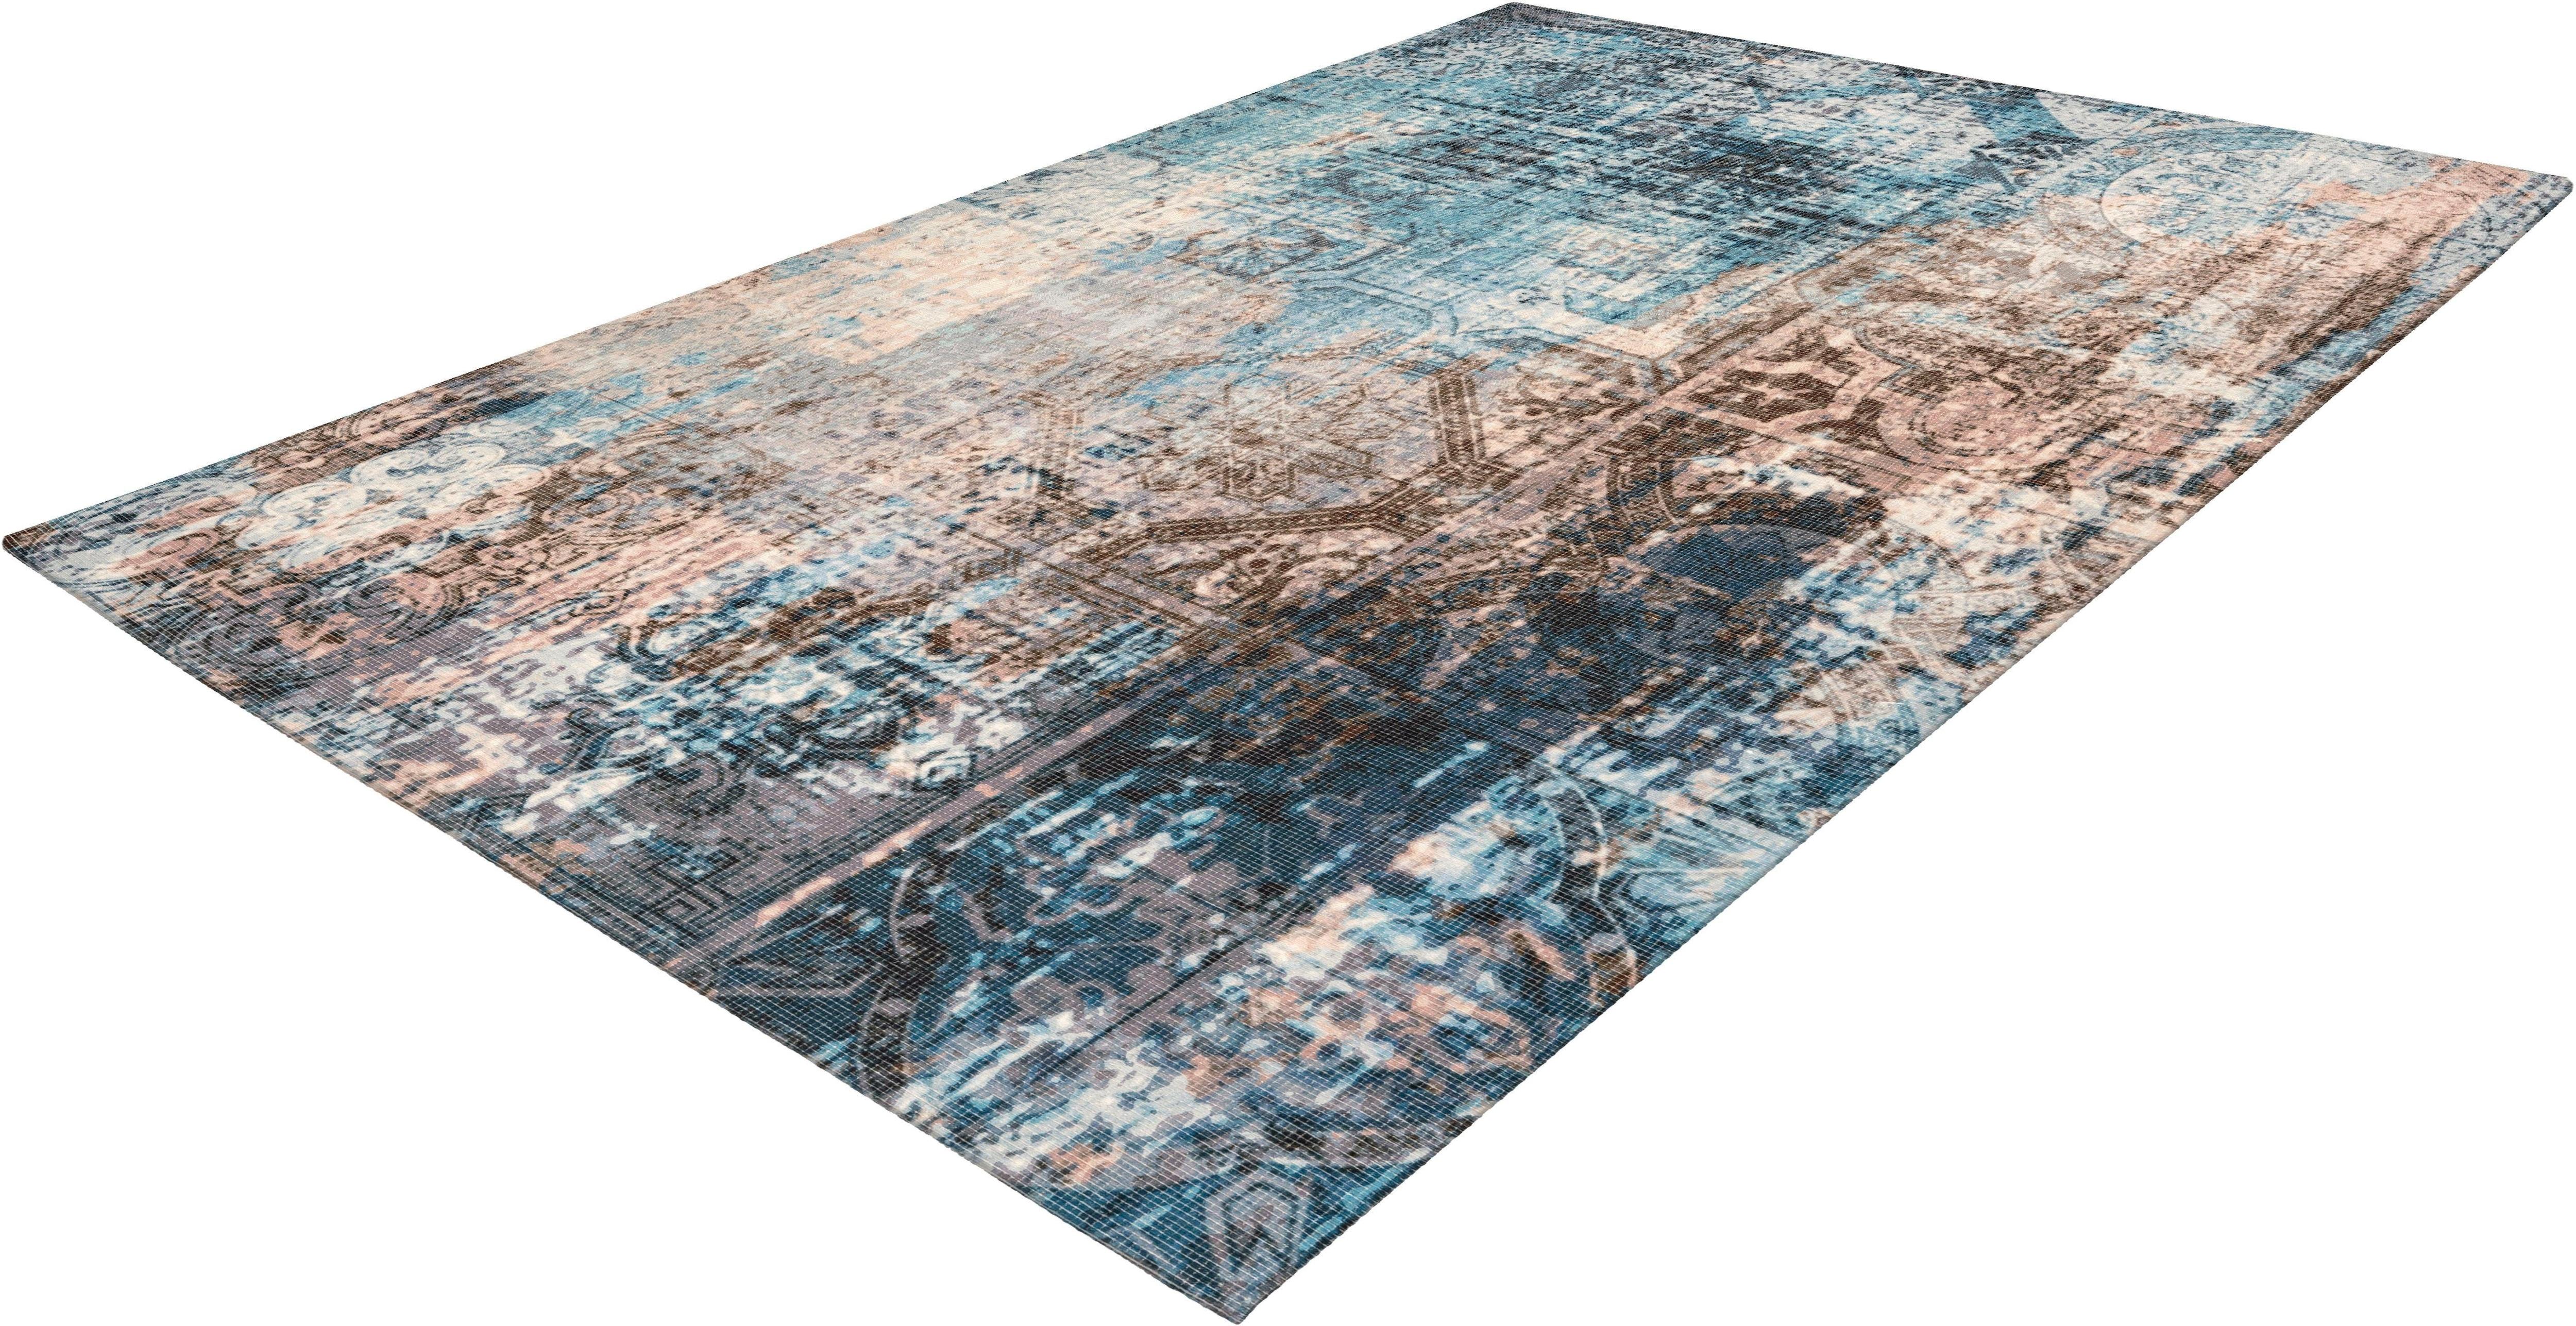 Teppich Emin 800 calo-deluxe rechteckig Höhe 10 mm gedruckt